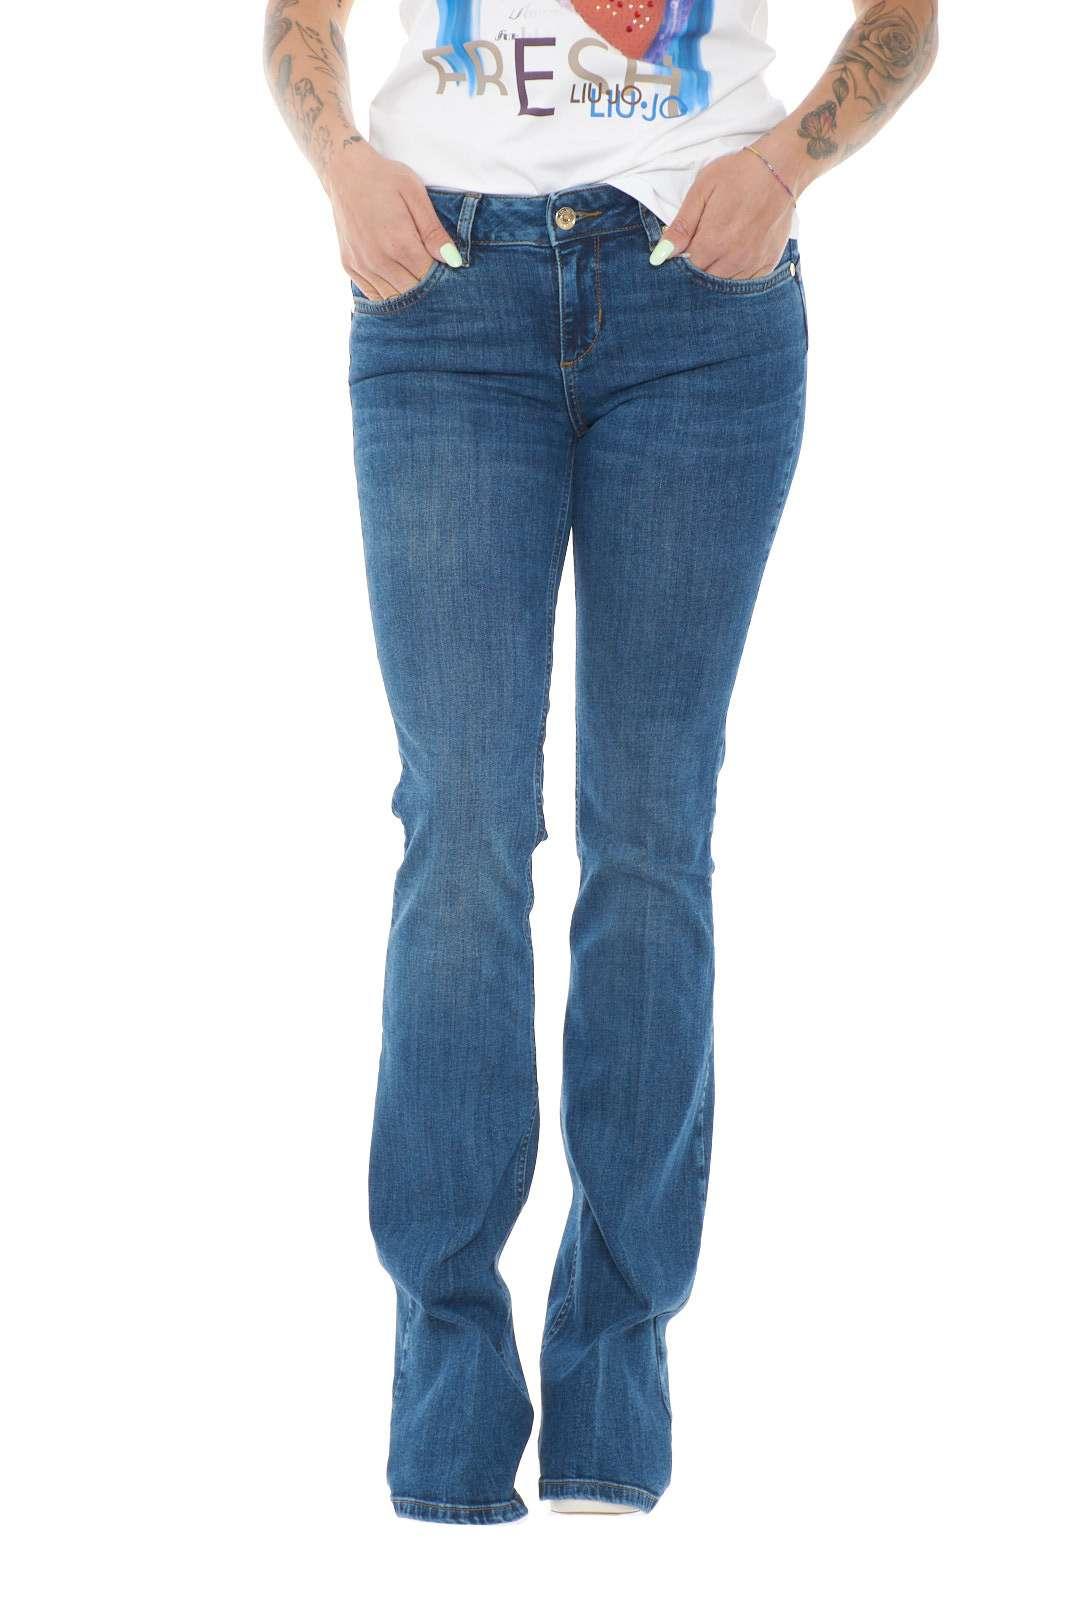 Un jeans modello a zampa quello proposta dalla collezione Liu Jo. Da indossare nel tempo libero o al lavoro insieme ad un tacco alto per maggior femminilità. Un must have dell'estate.